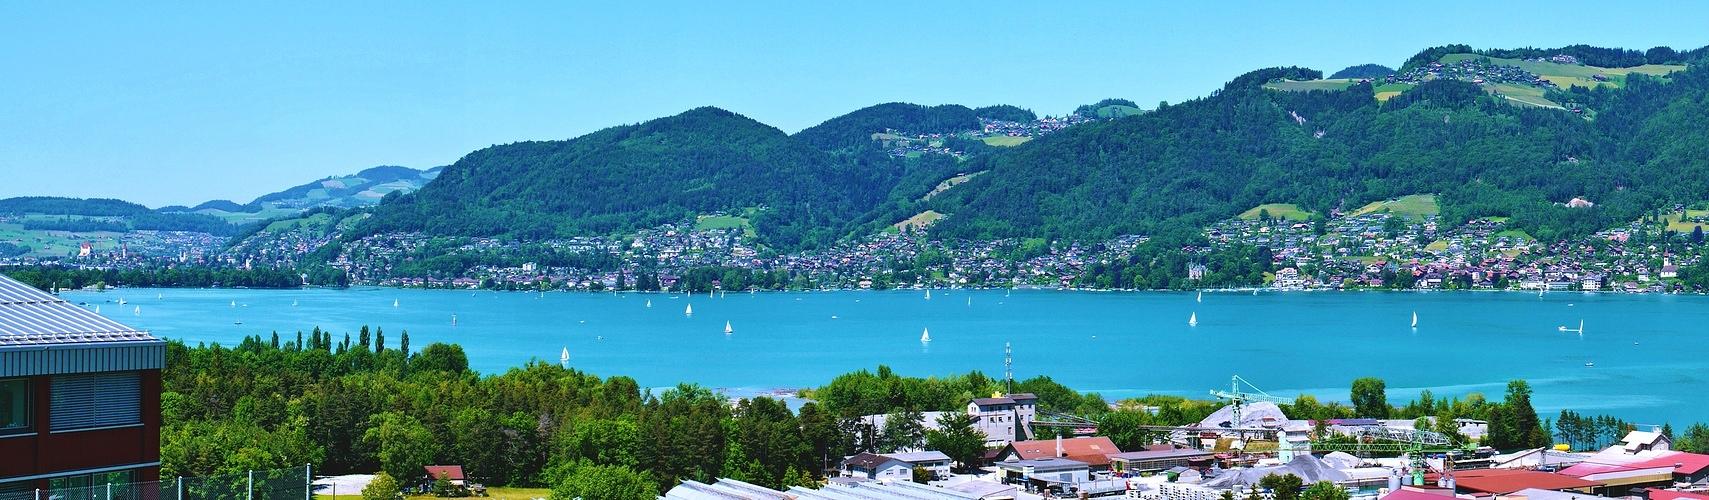 Panorama vom Thunersee